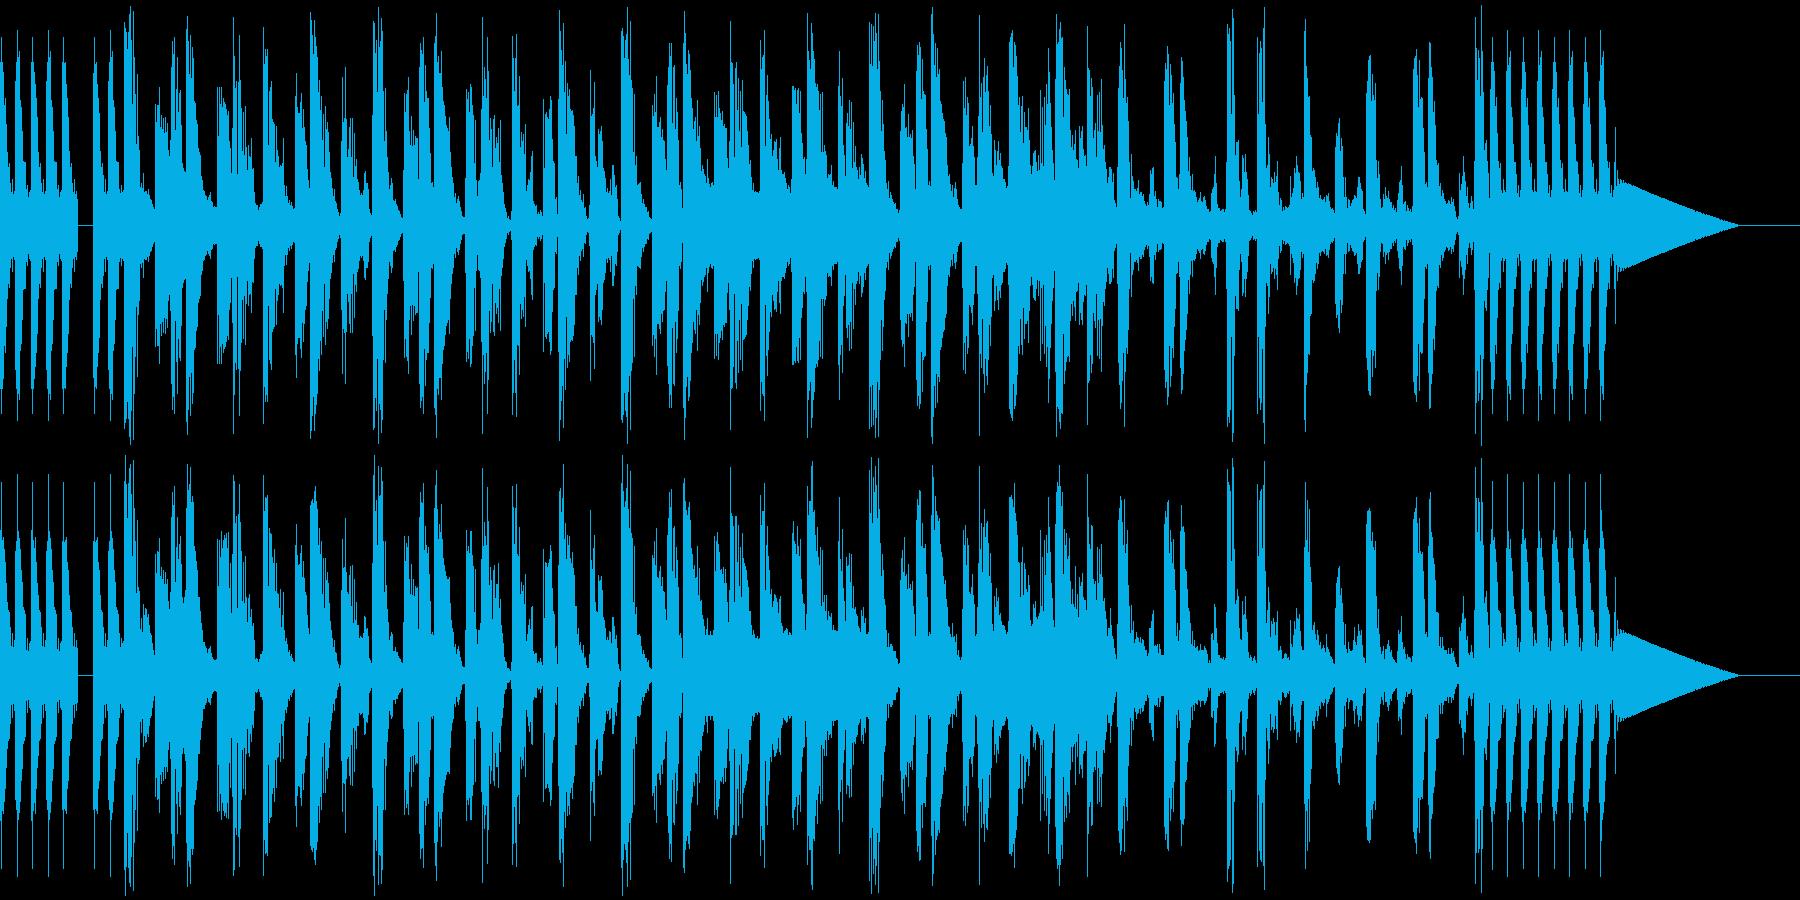 わくわくするポップなBGMの再生済みの波形